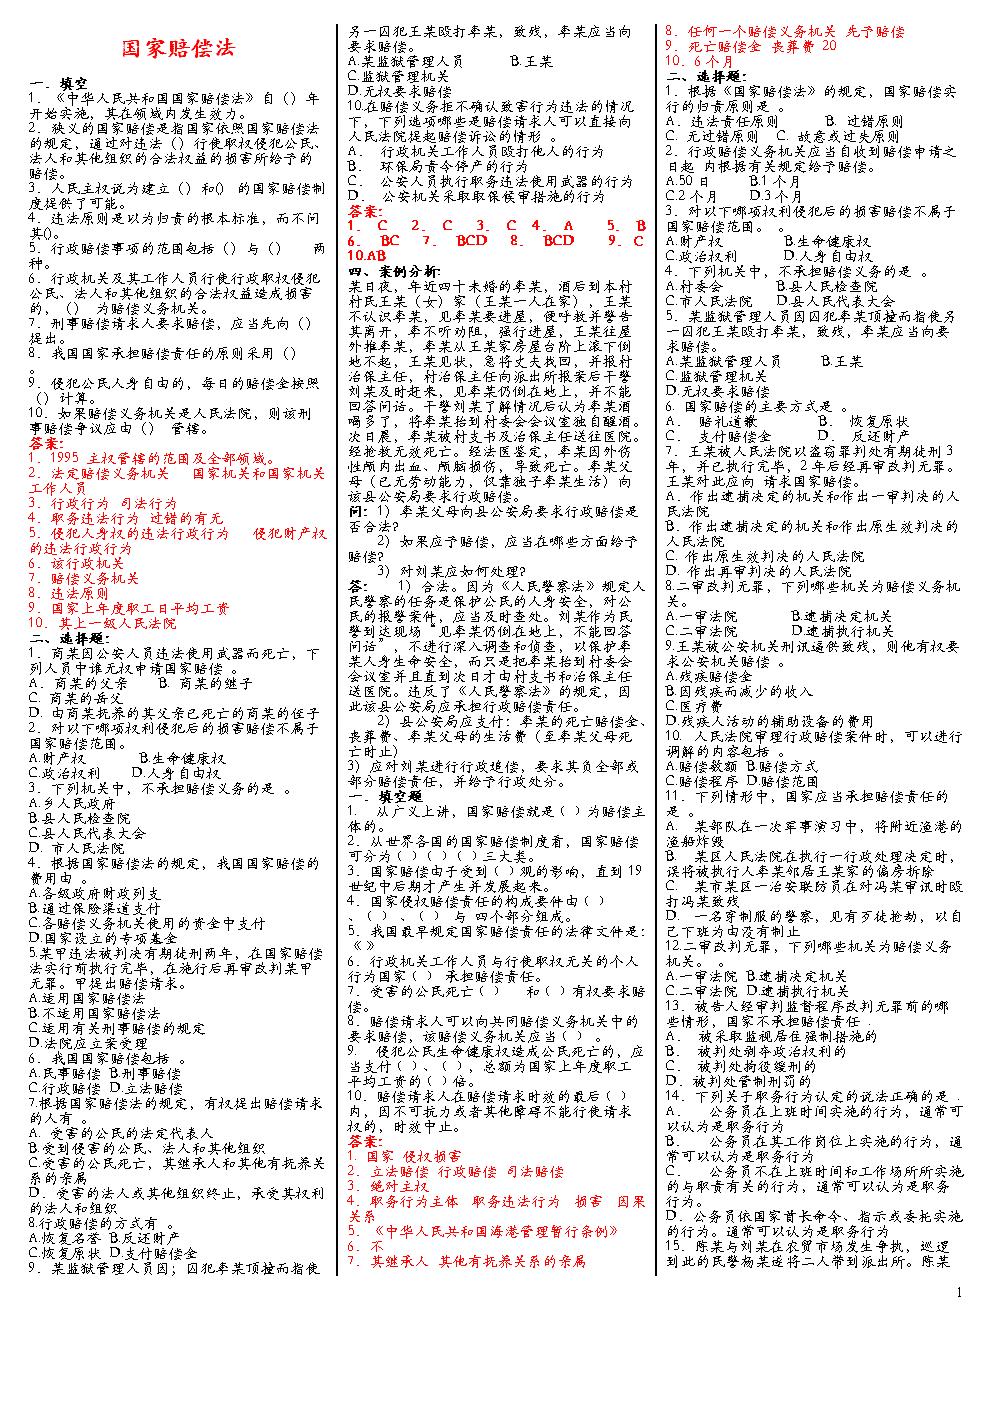 电大《国家赔偿法》专科考试小抄.doc